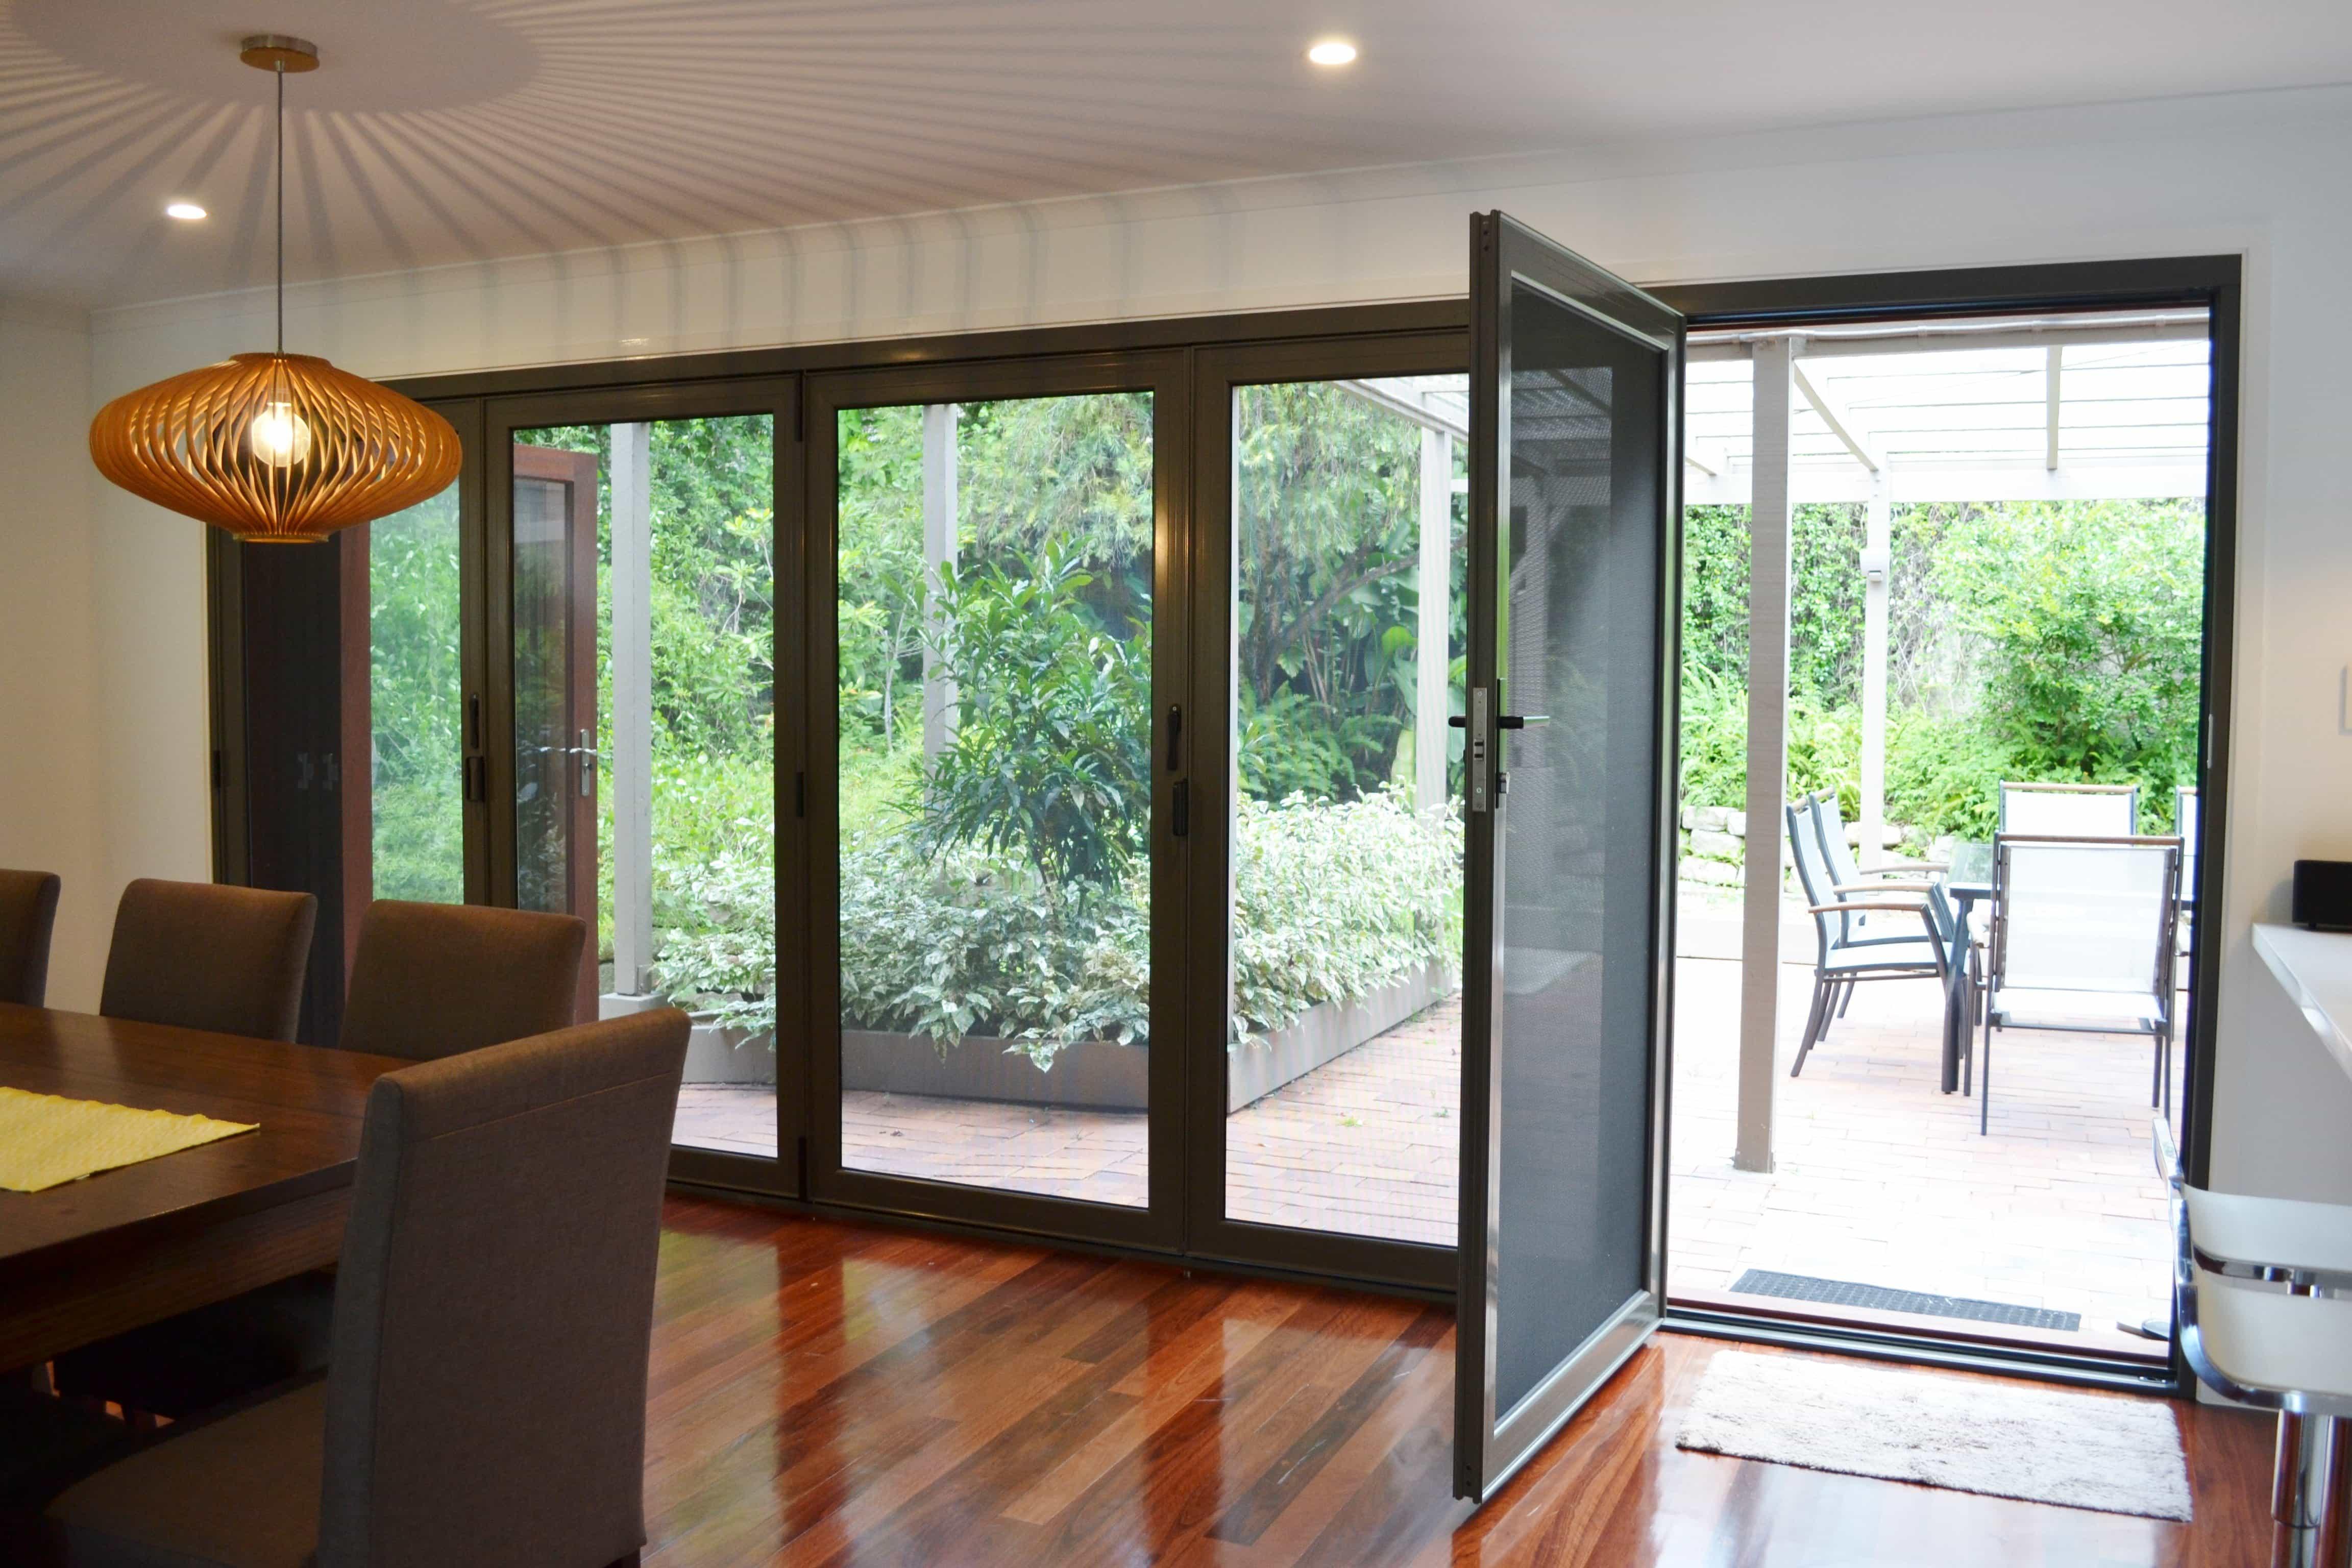 Crimsafe bifold door with one panel open